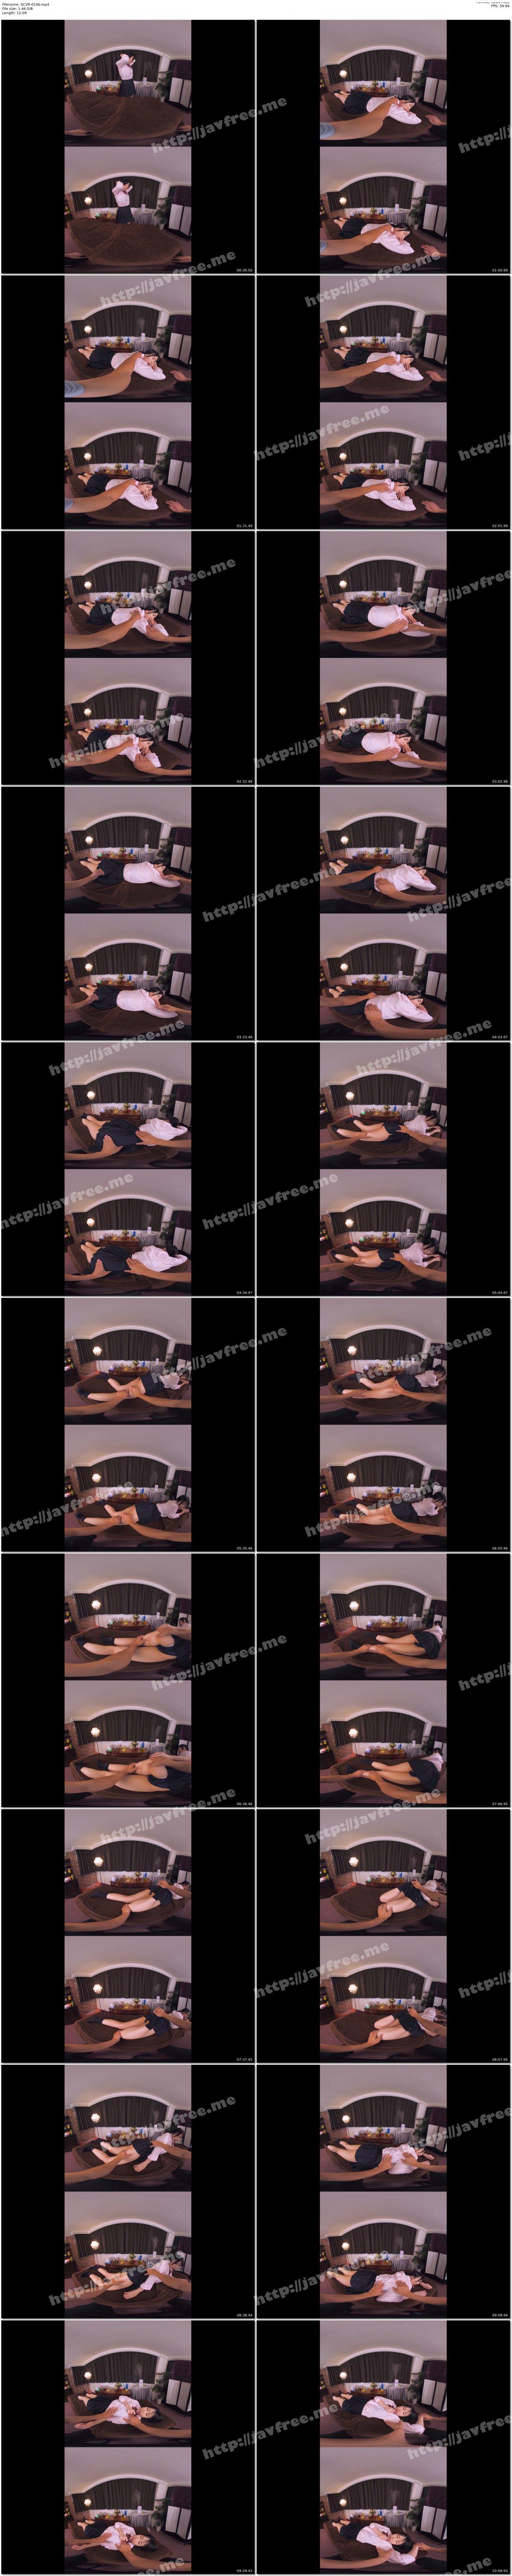 [SCVR-019] 【VR】長尺VR!リアル悪徳エステ体験!女子●生に媚薬を飲ませ高級オイルマッサージで感度覚醒!コリをほぐすだけとグチョグチョに興奮したマ●コを刺激して痙攣するまで生中出し!女子●生特別編!五十嵐星蘭 葉月もえ - image SCVR-019b on https://javfree.me